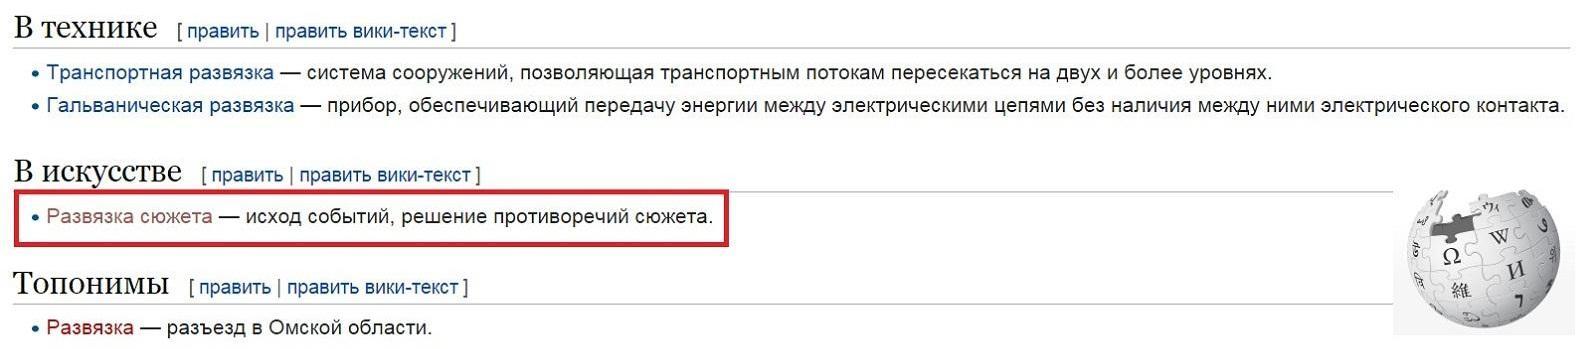 razvyazka_wiki